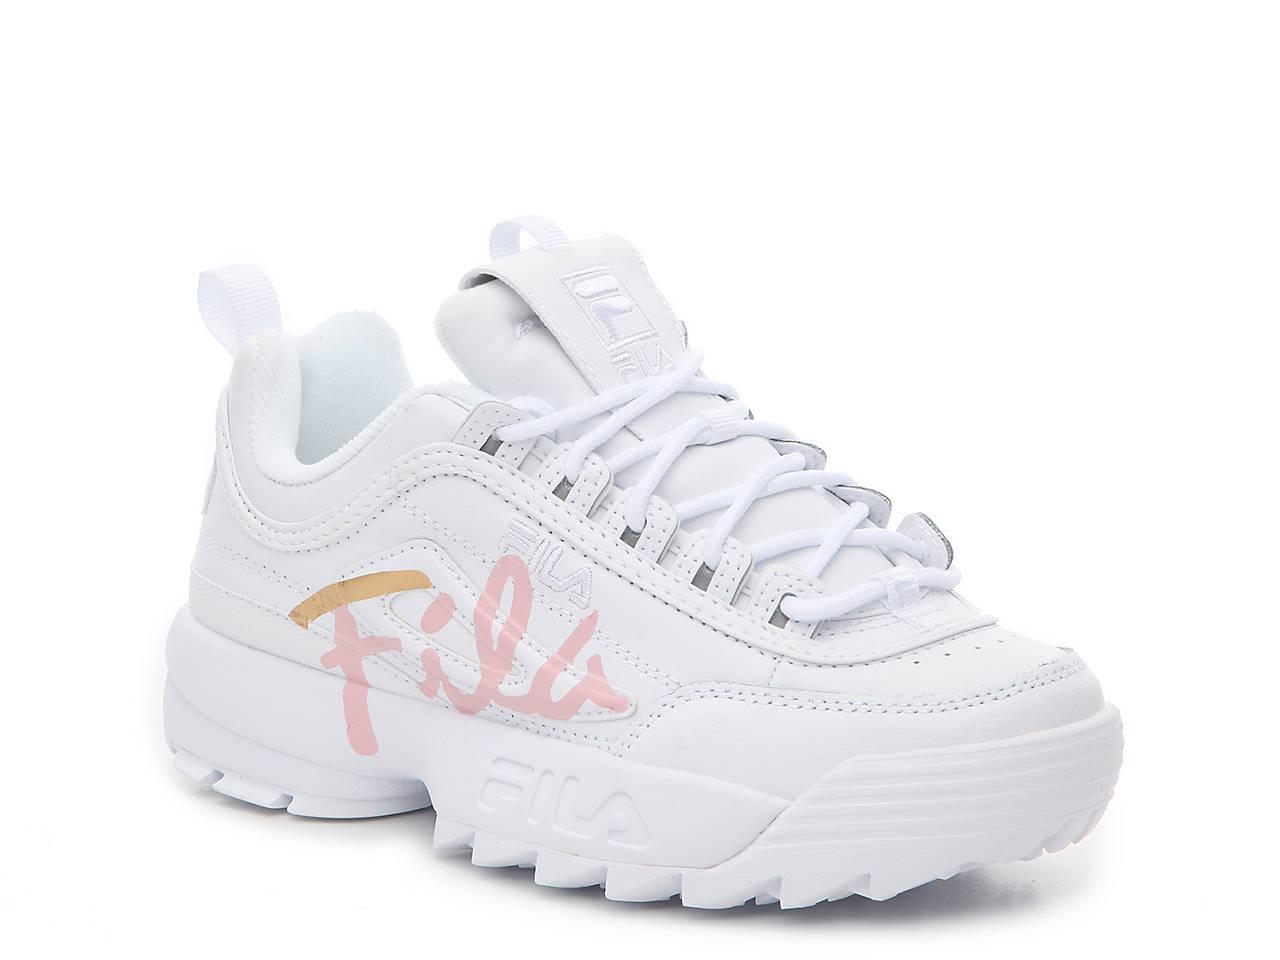 21ac0a6afc5 Fila Disruptor II Script Sneaker - Women s Women s Shoes